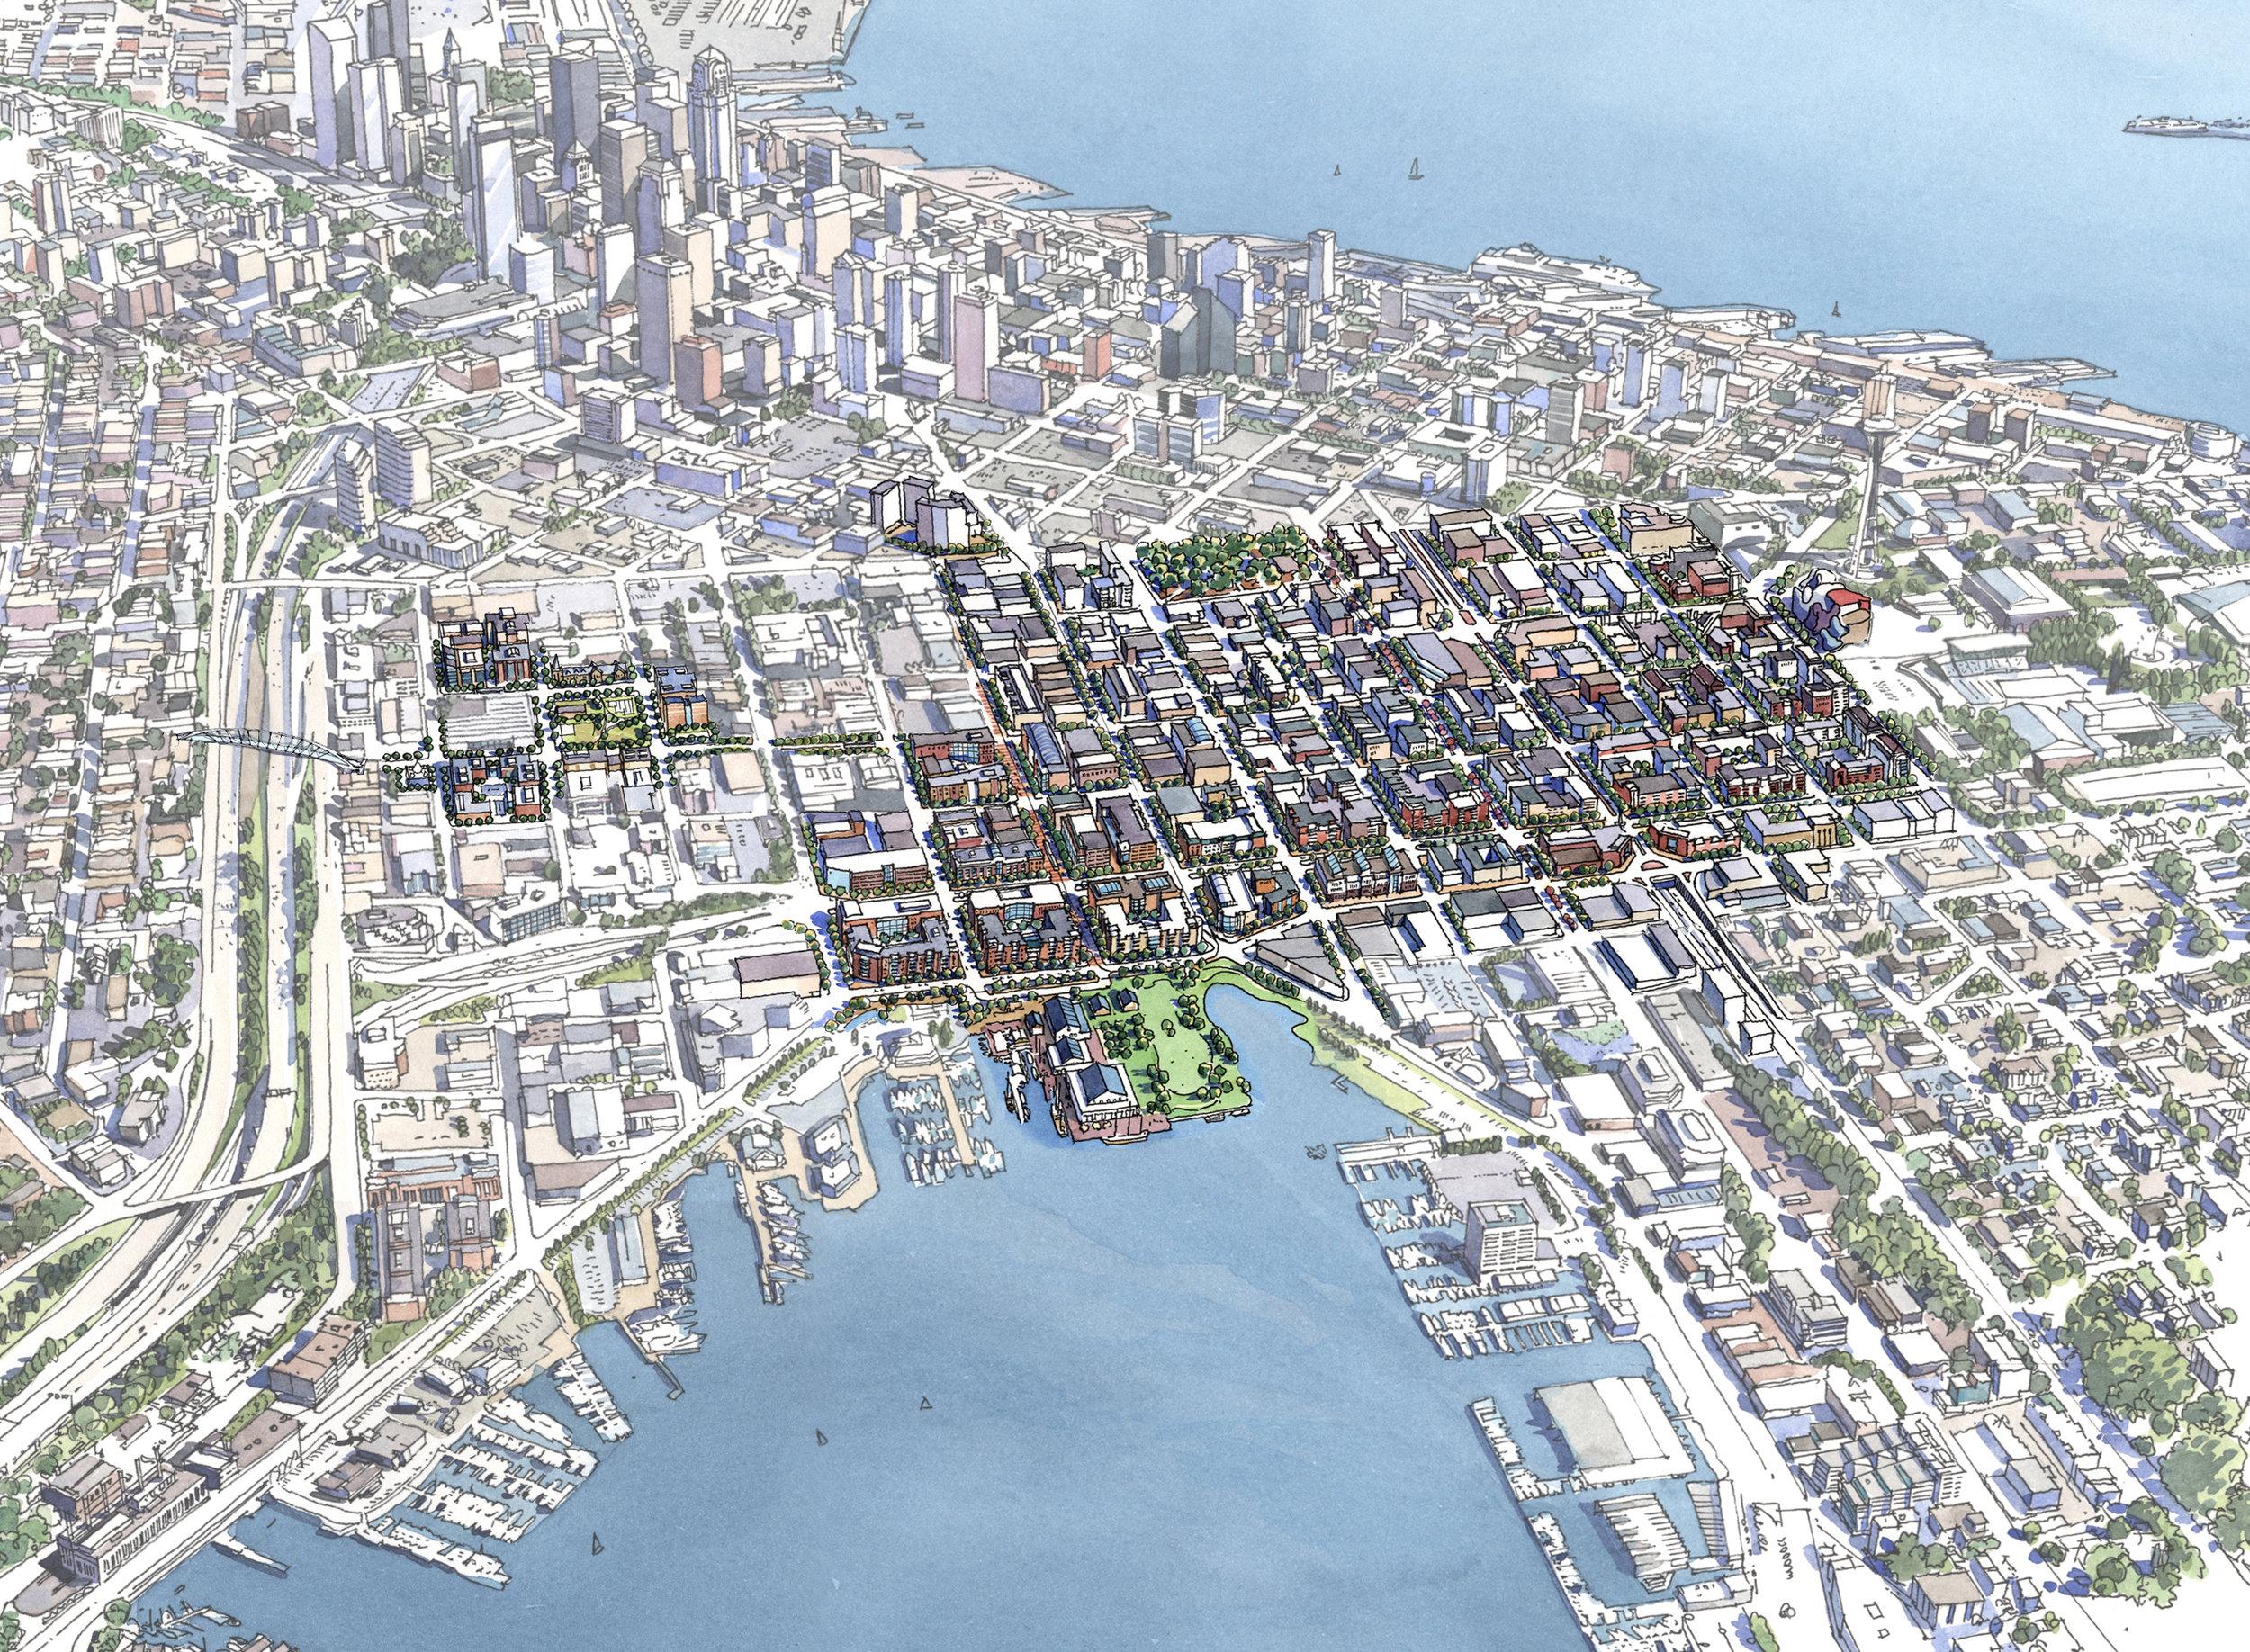 1310PerspAerial.jpg